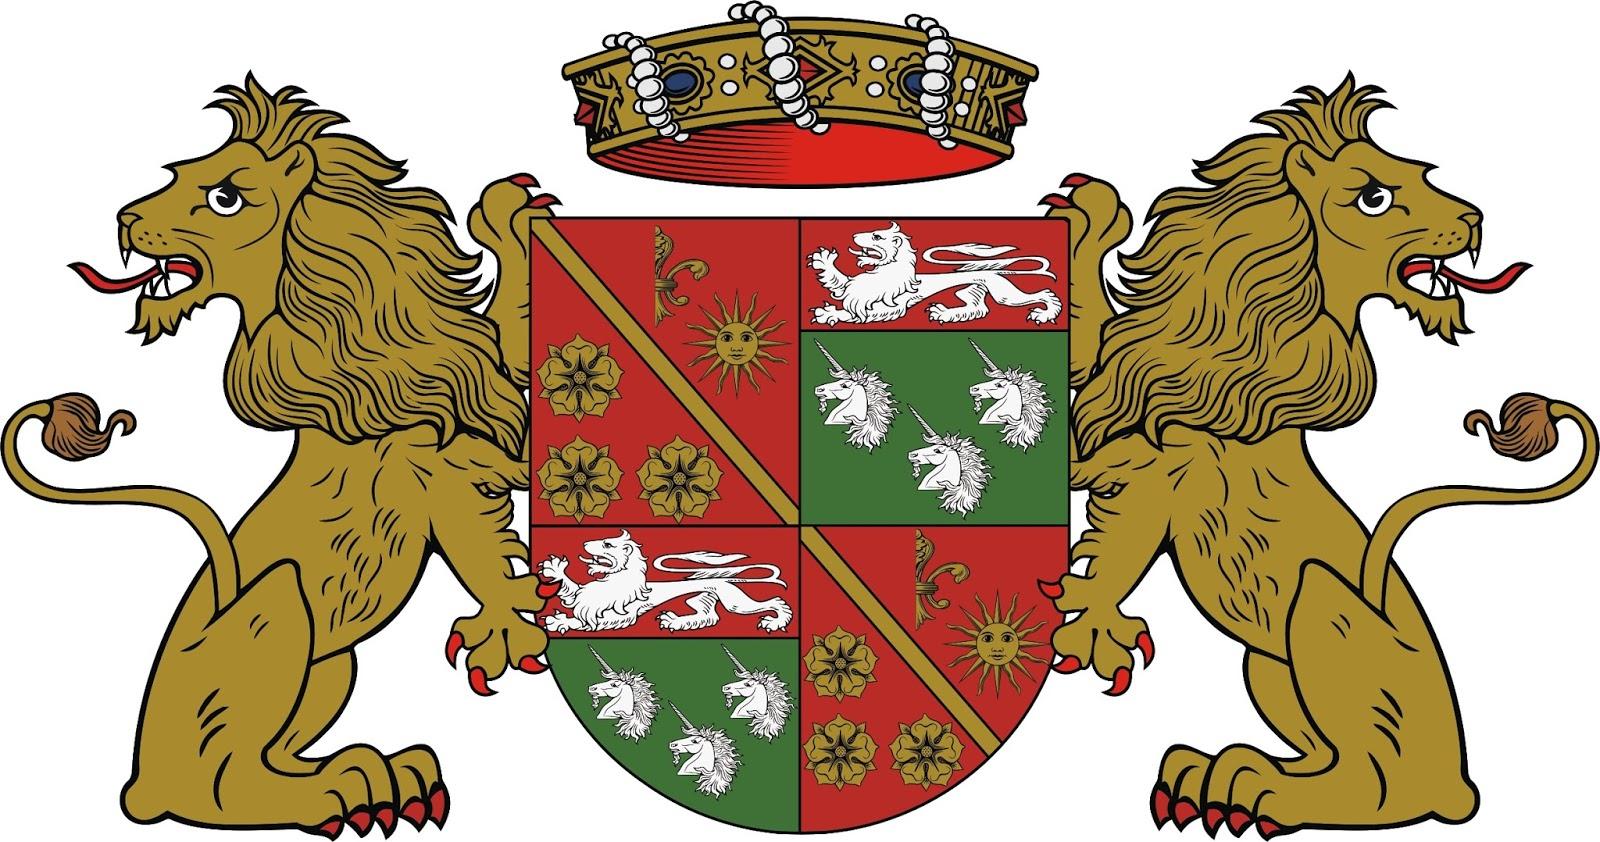 La maison de philippi y de bucelli y d 39 estr es principal marriages al - Maison des alliances ...